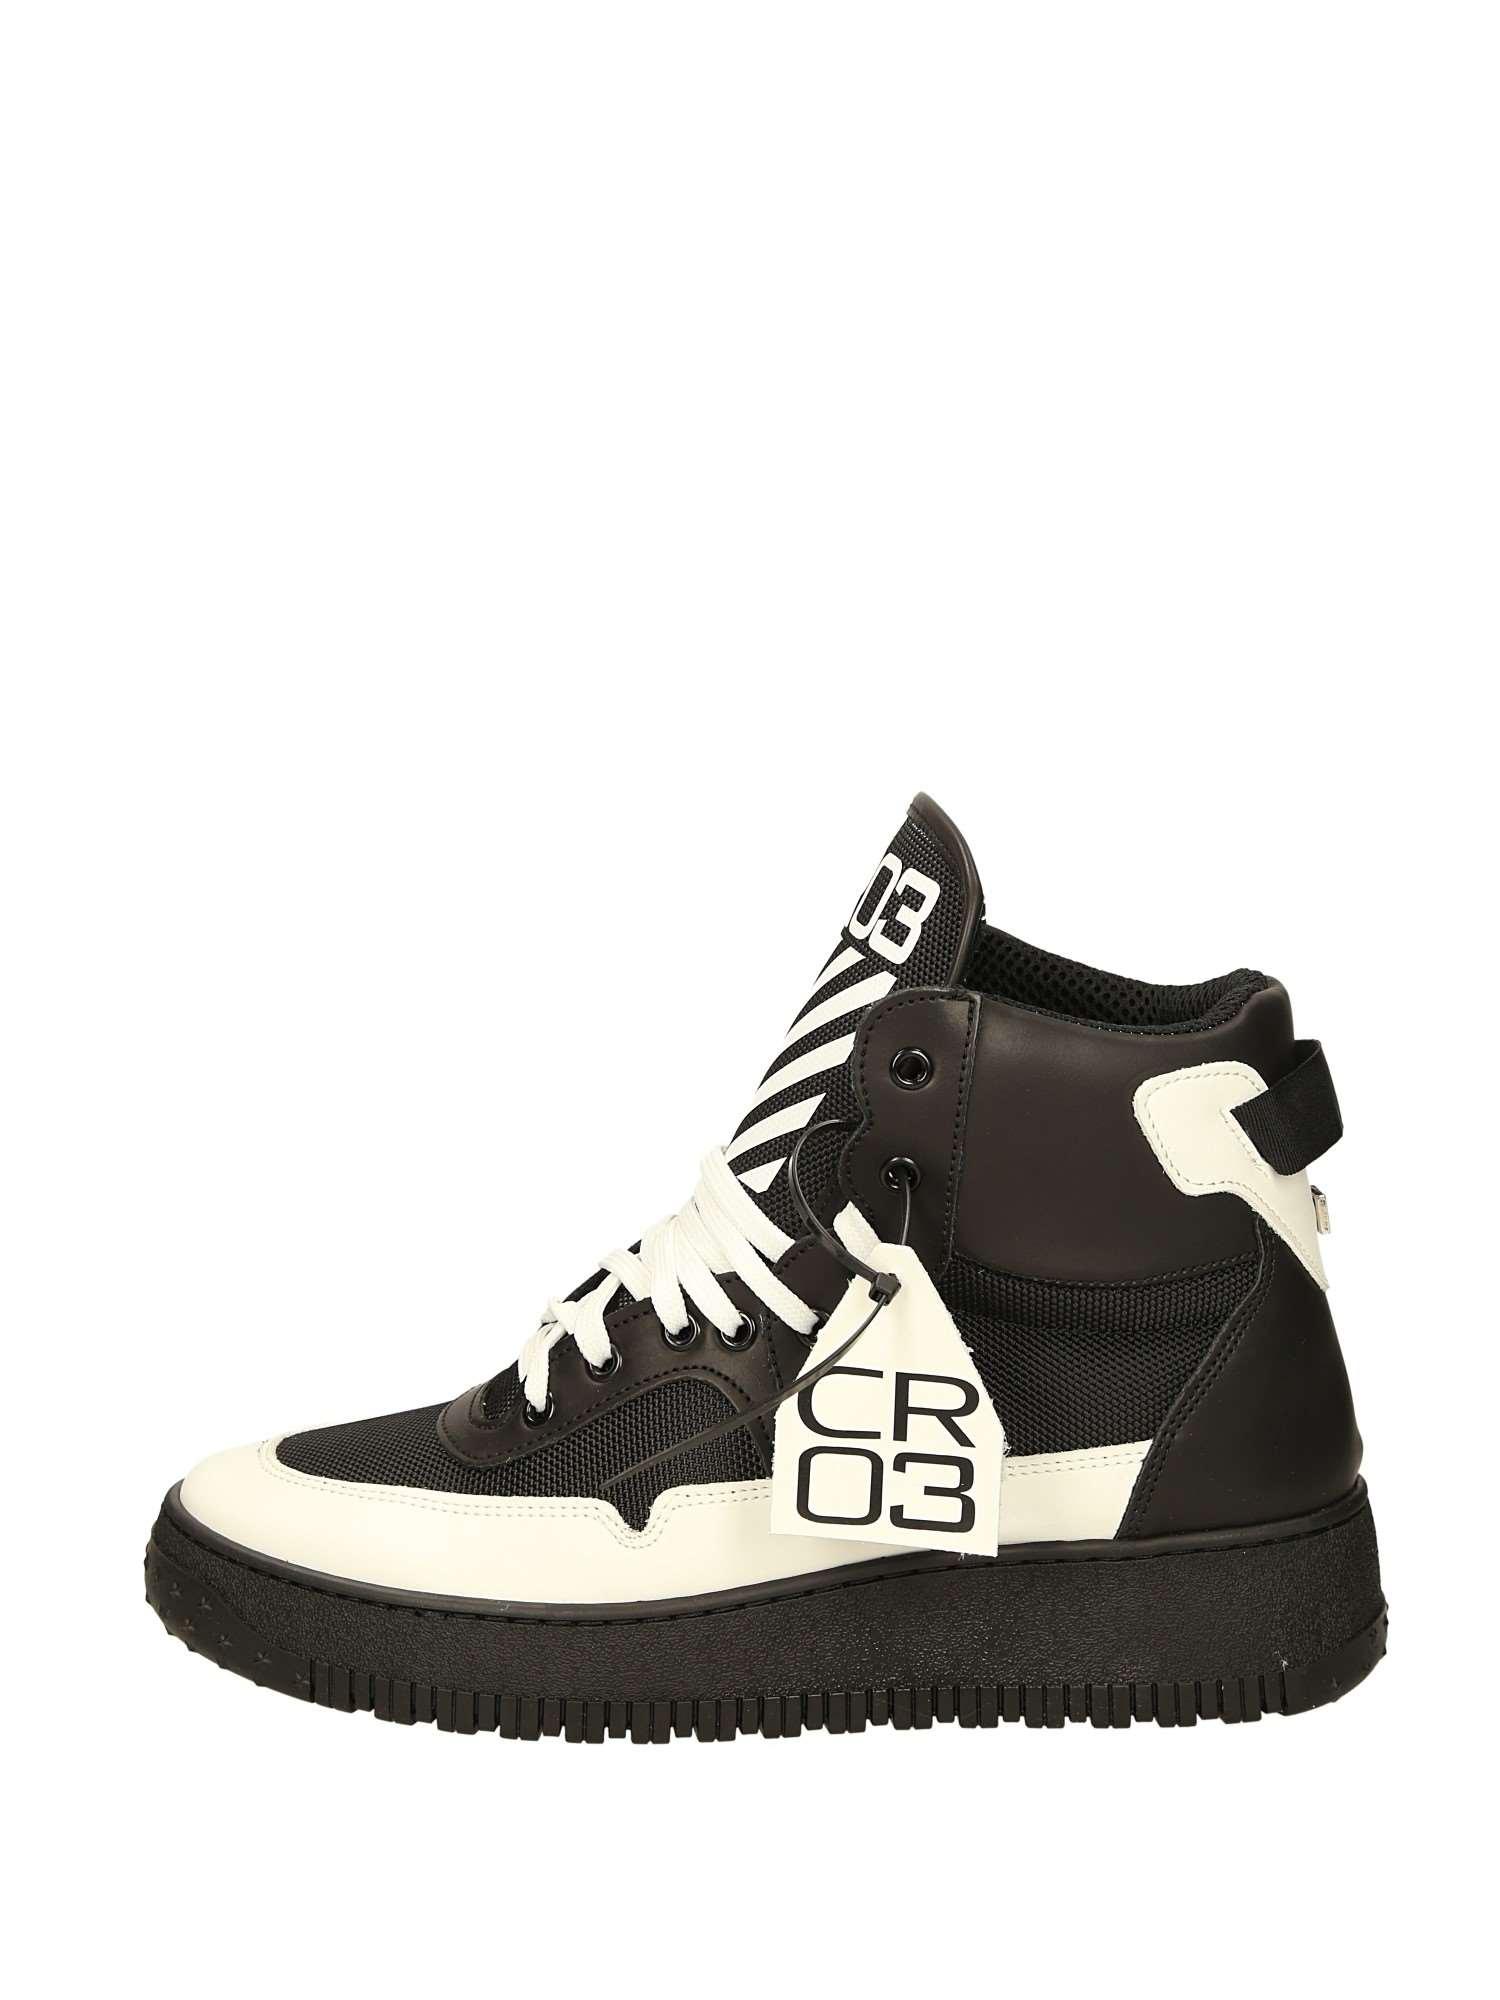 Cr03 AIR OFF VERSIONE2 Nero Bianco Scarpe Uomo Sneakers cce173c7554